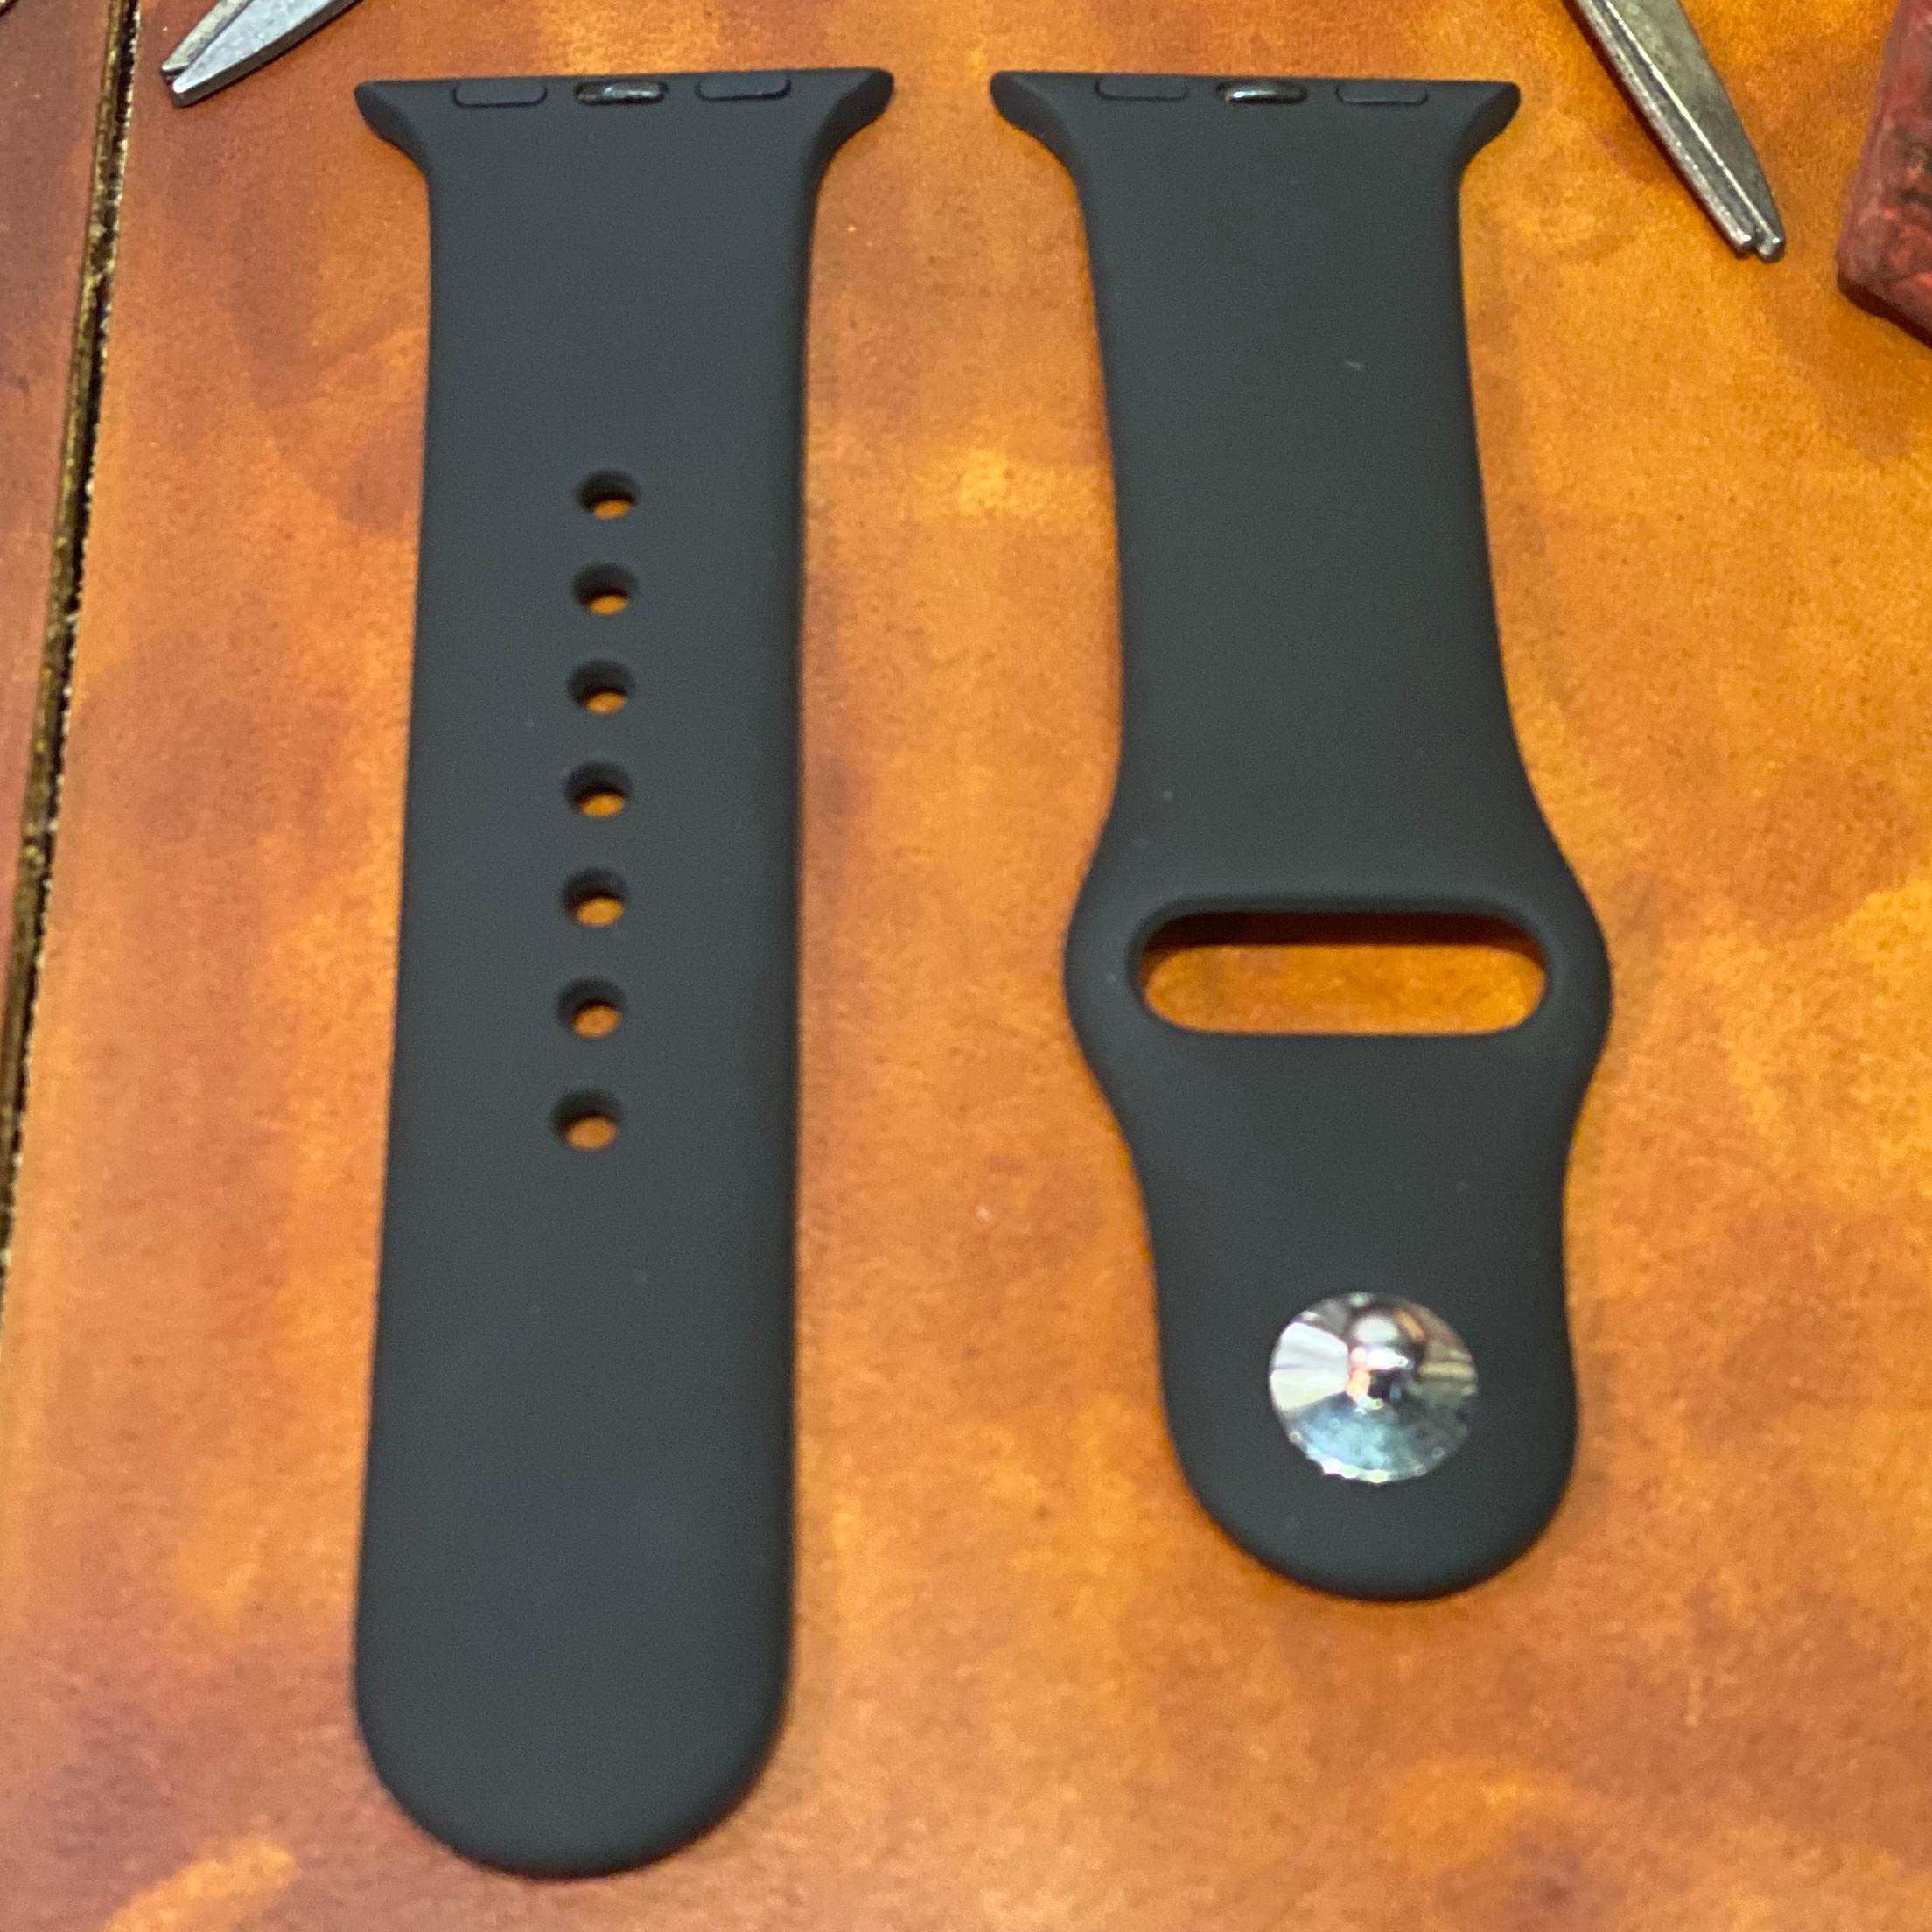 Dây đồng hồ silicon cho apple watch nhiều màu chống bẩn đẹp mắt